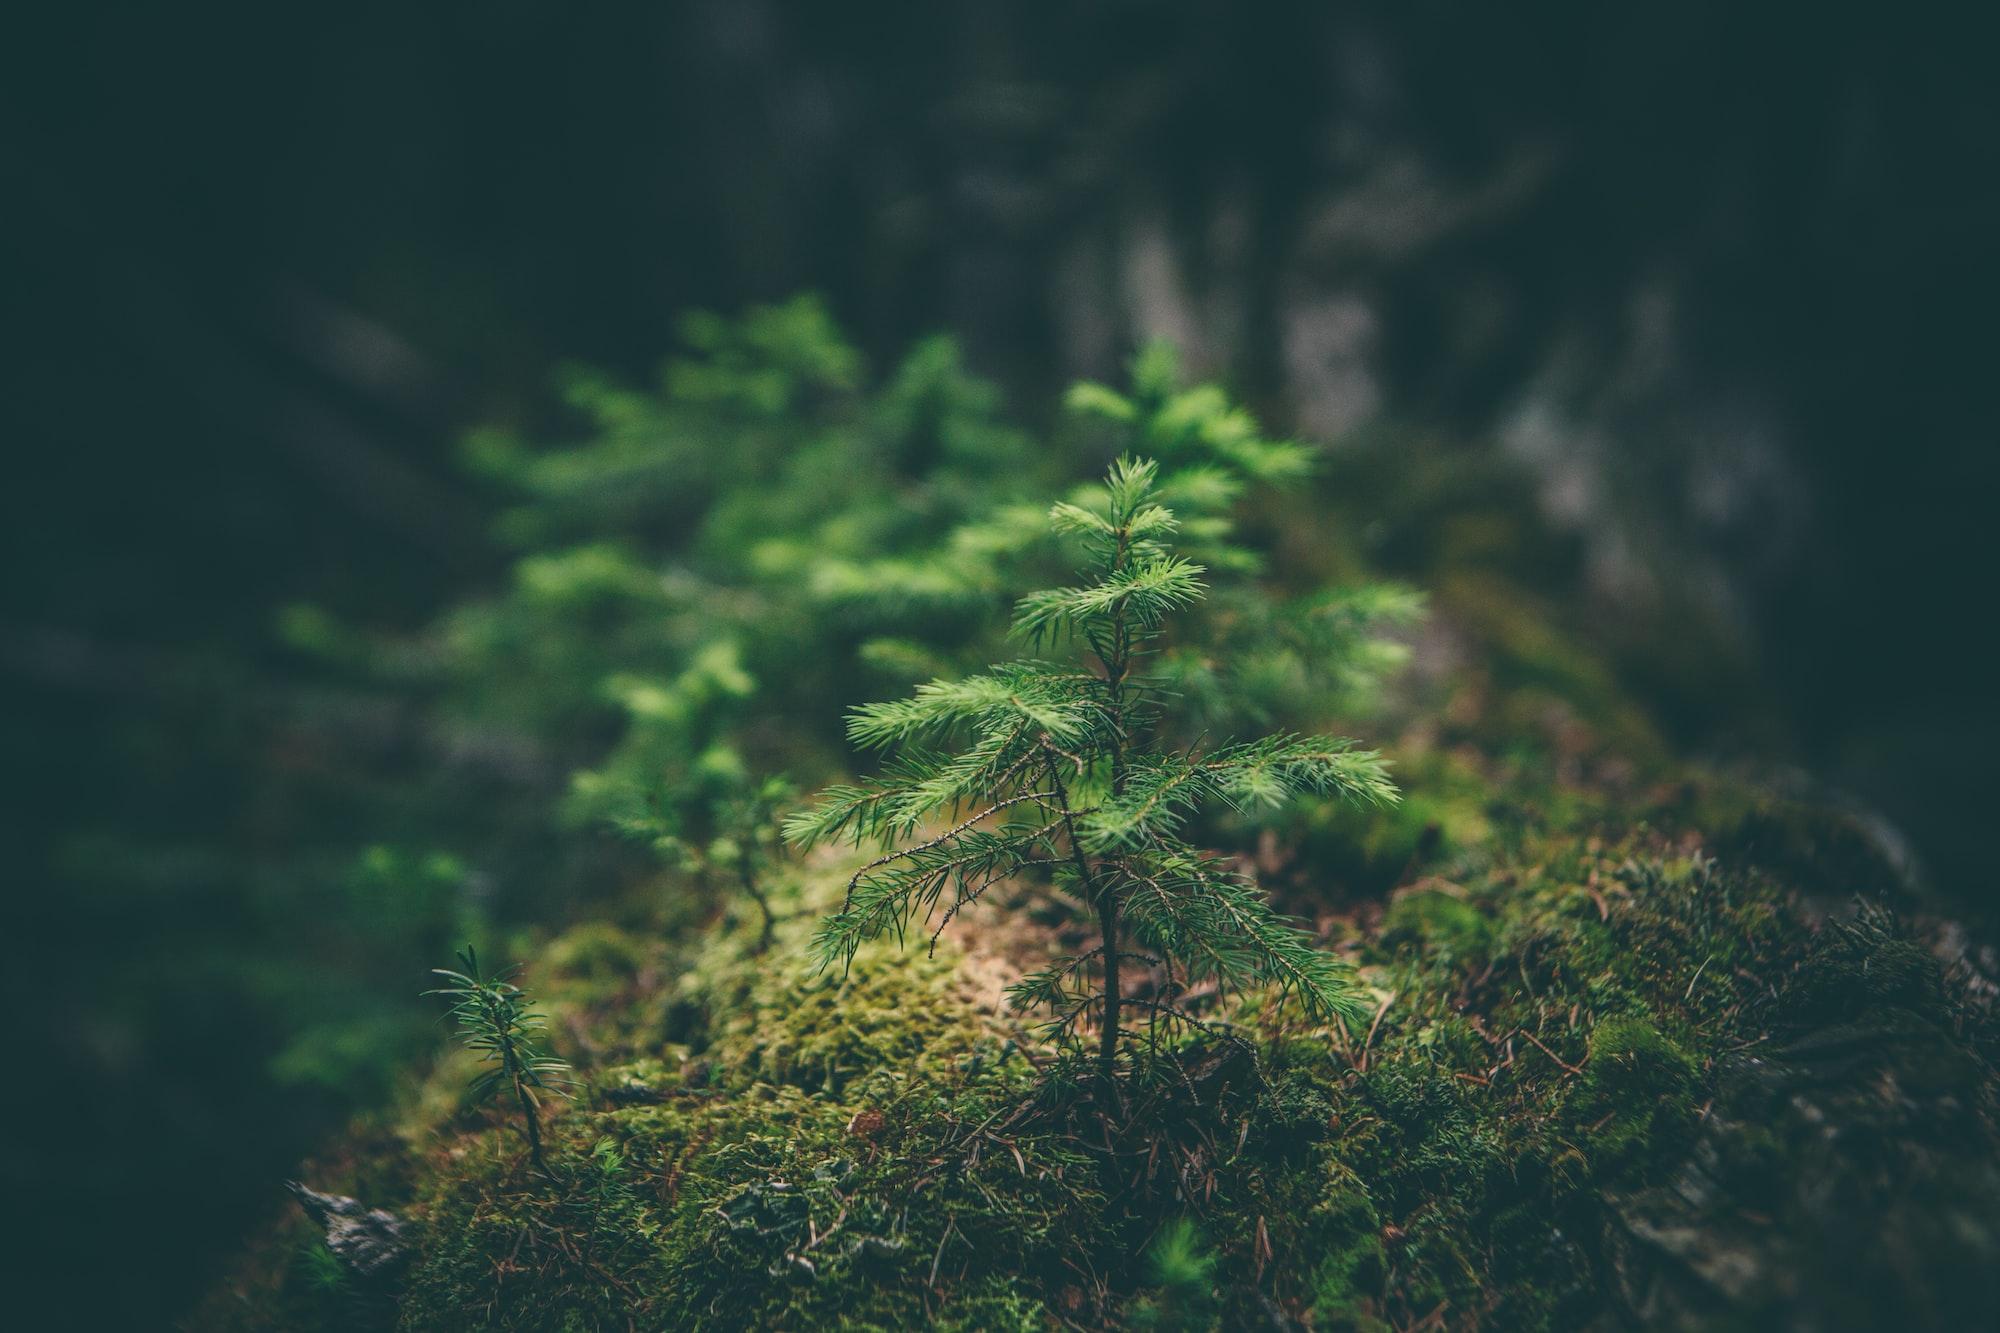 Bağ, Bahçe Gibi Yerlerin Çevresine Çalı, Kamış,Ağaç Gibi Şeylerden Çekilen Duvar Bulmaca Anlamı Nedir?